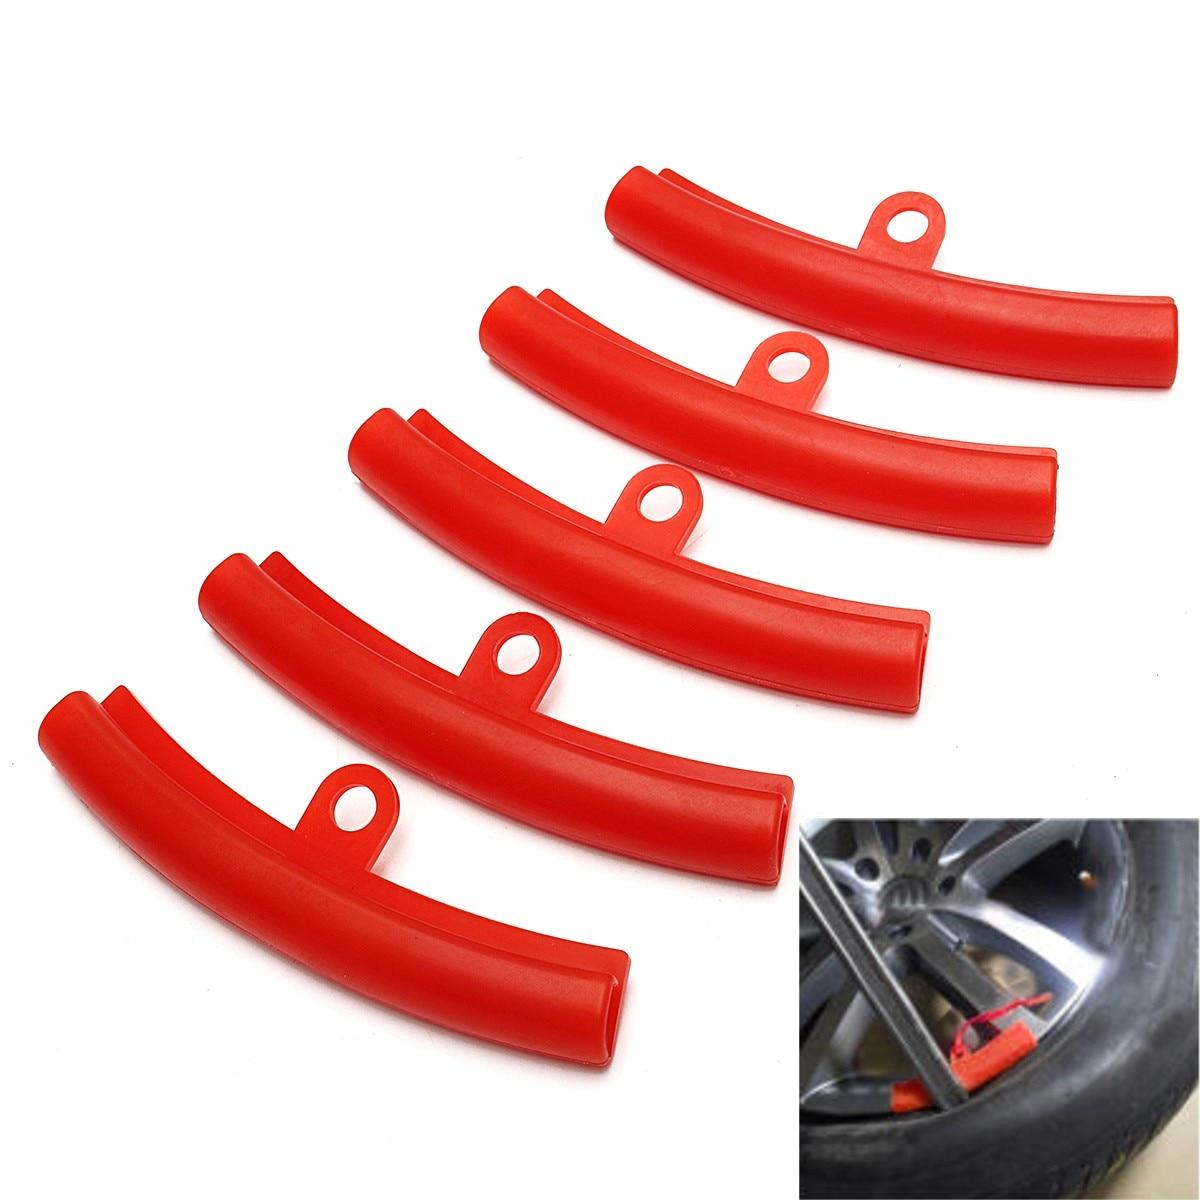 5 unids/set coche Protector de llantas llanta de rueda de neumático de cambiar borde de protección herramientas de polietileno de goma